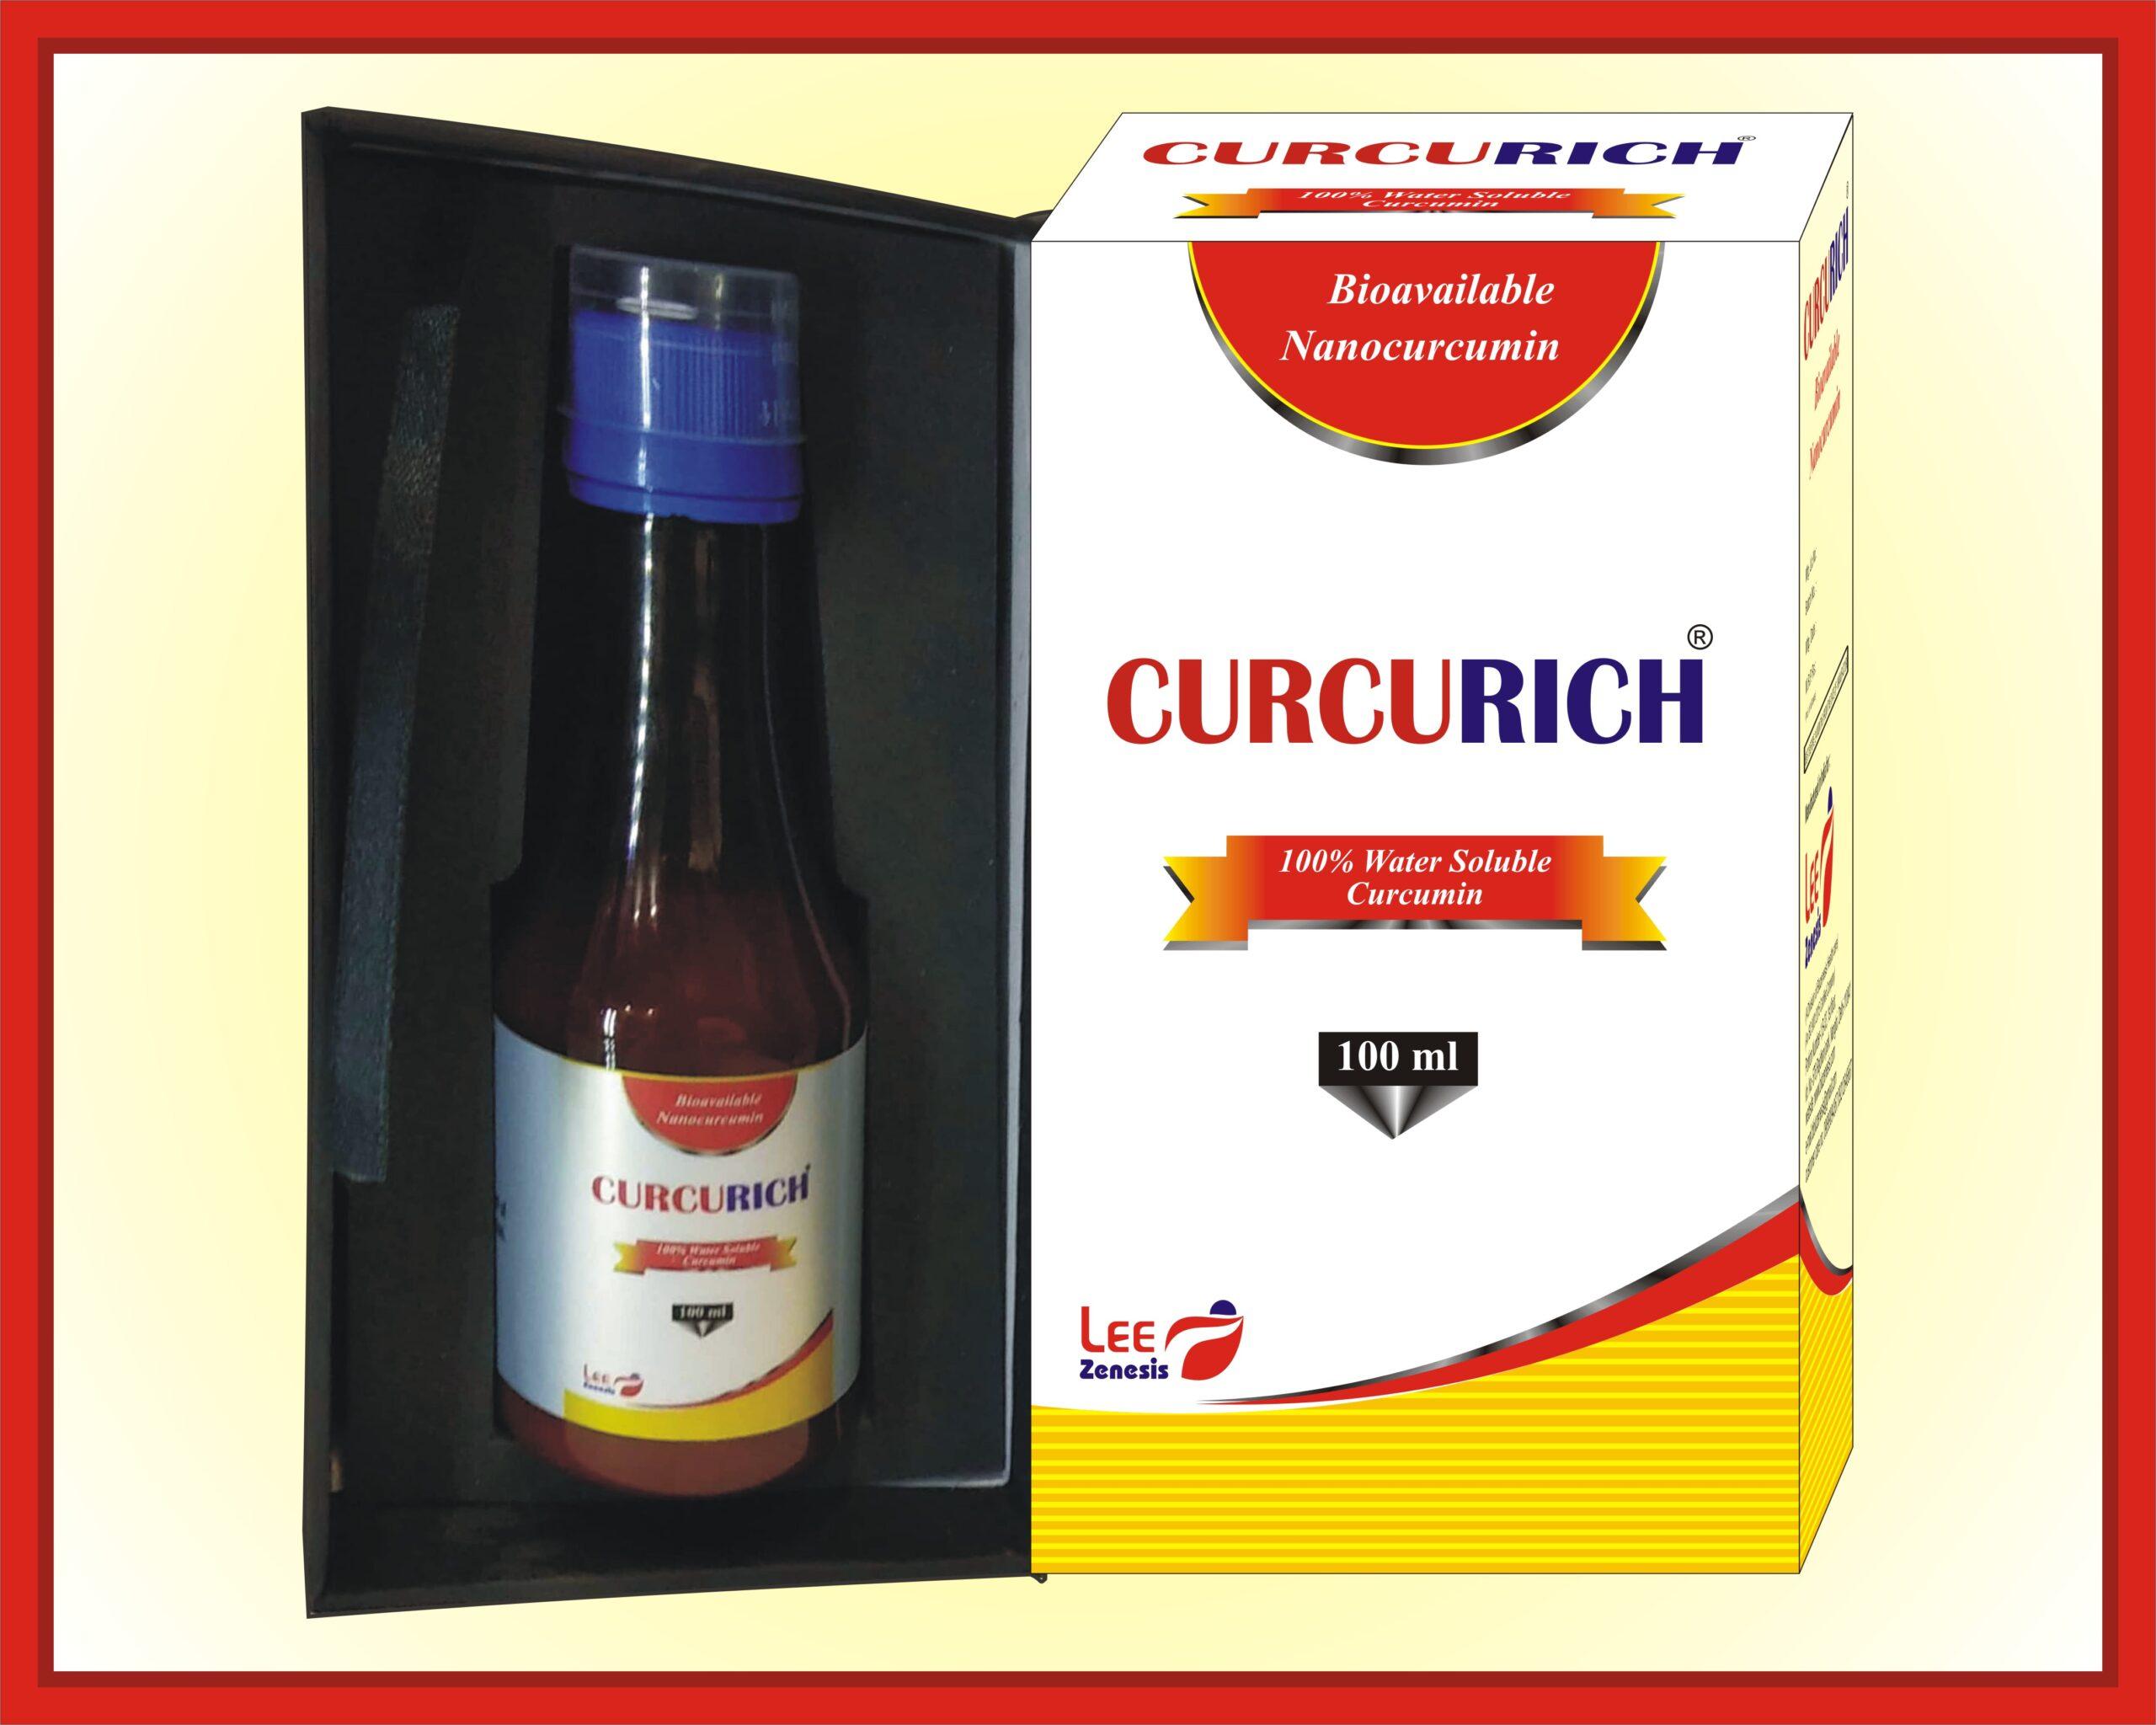 CURCURICH SYP